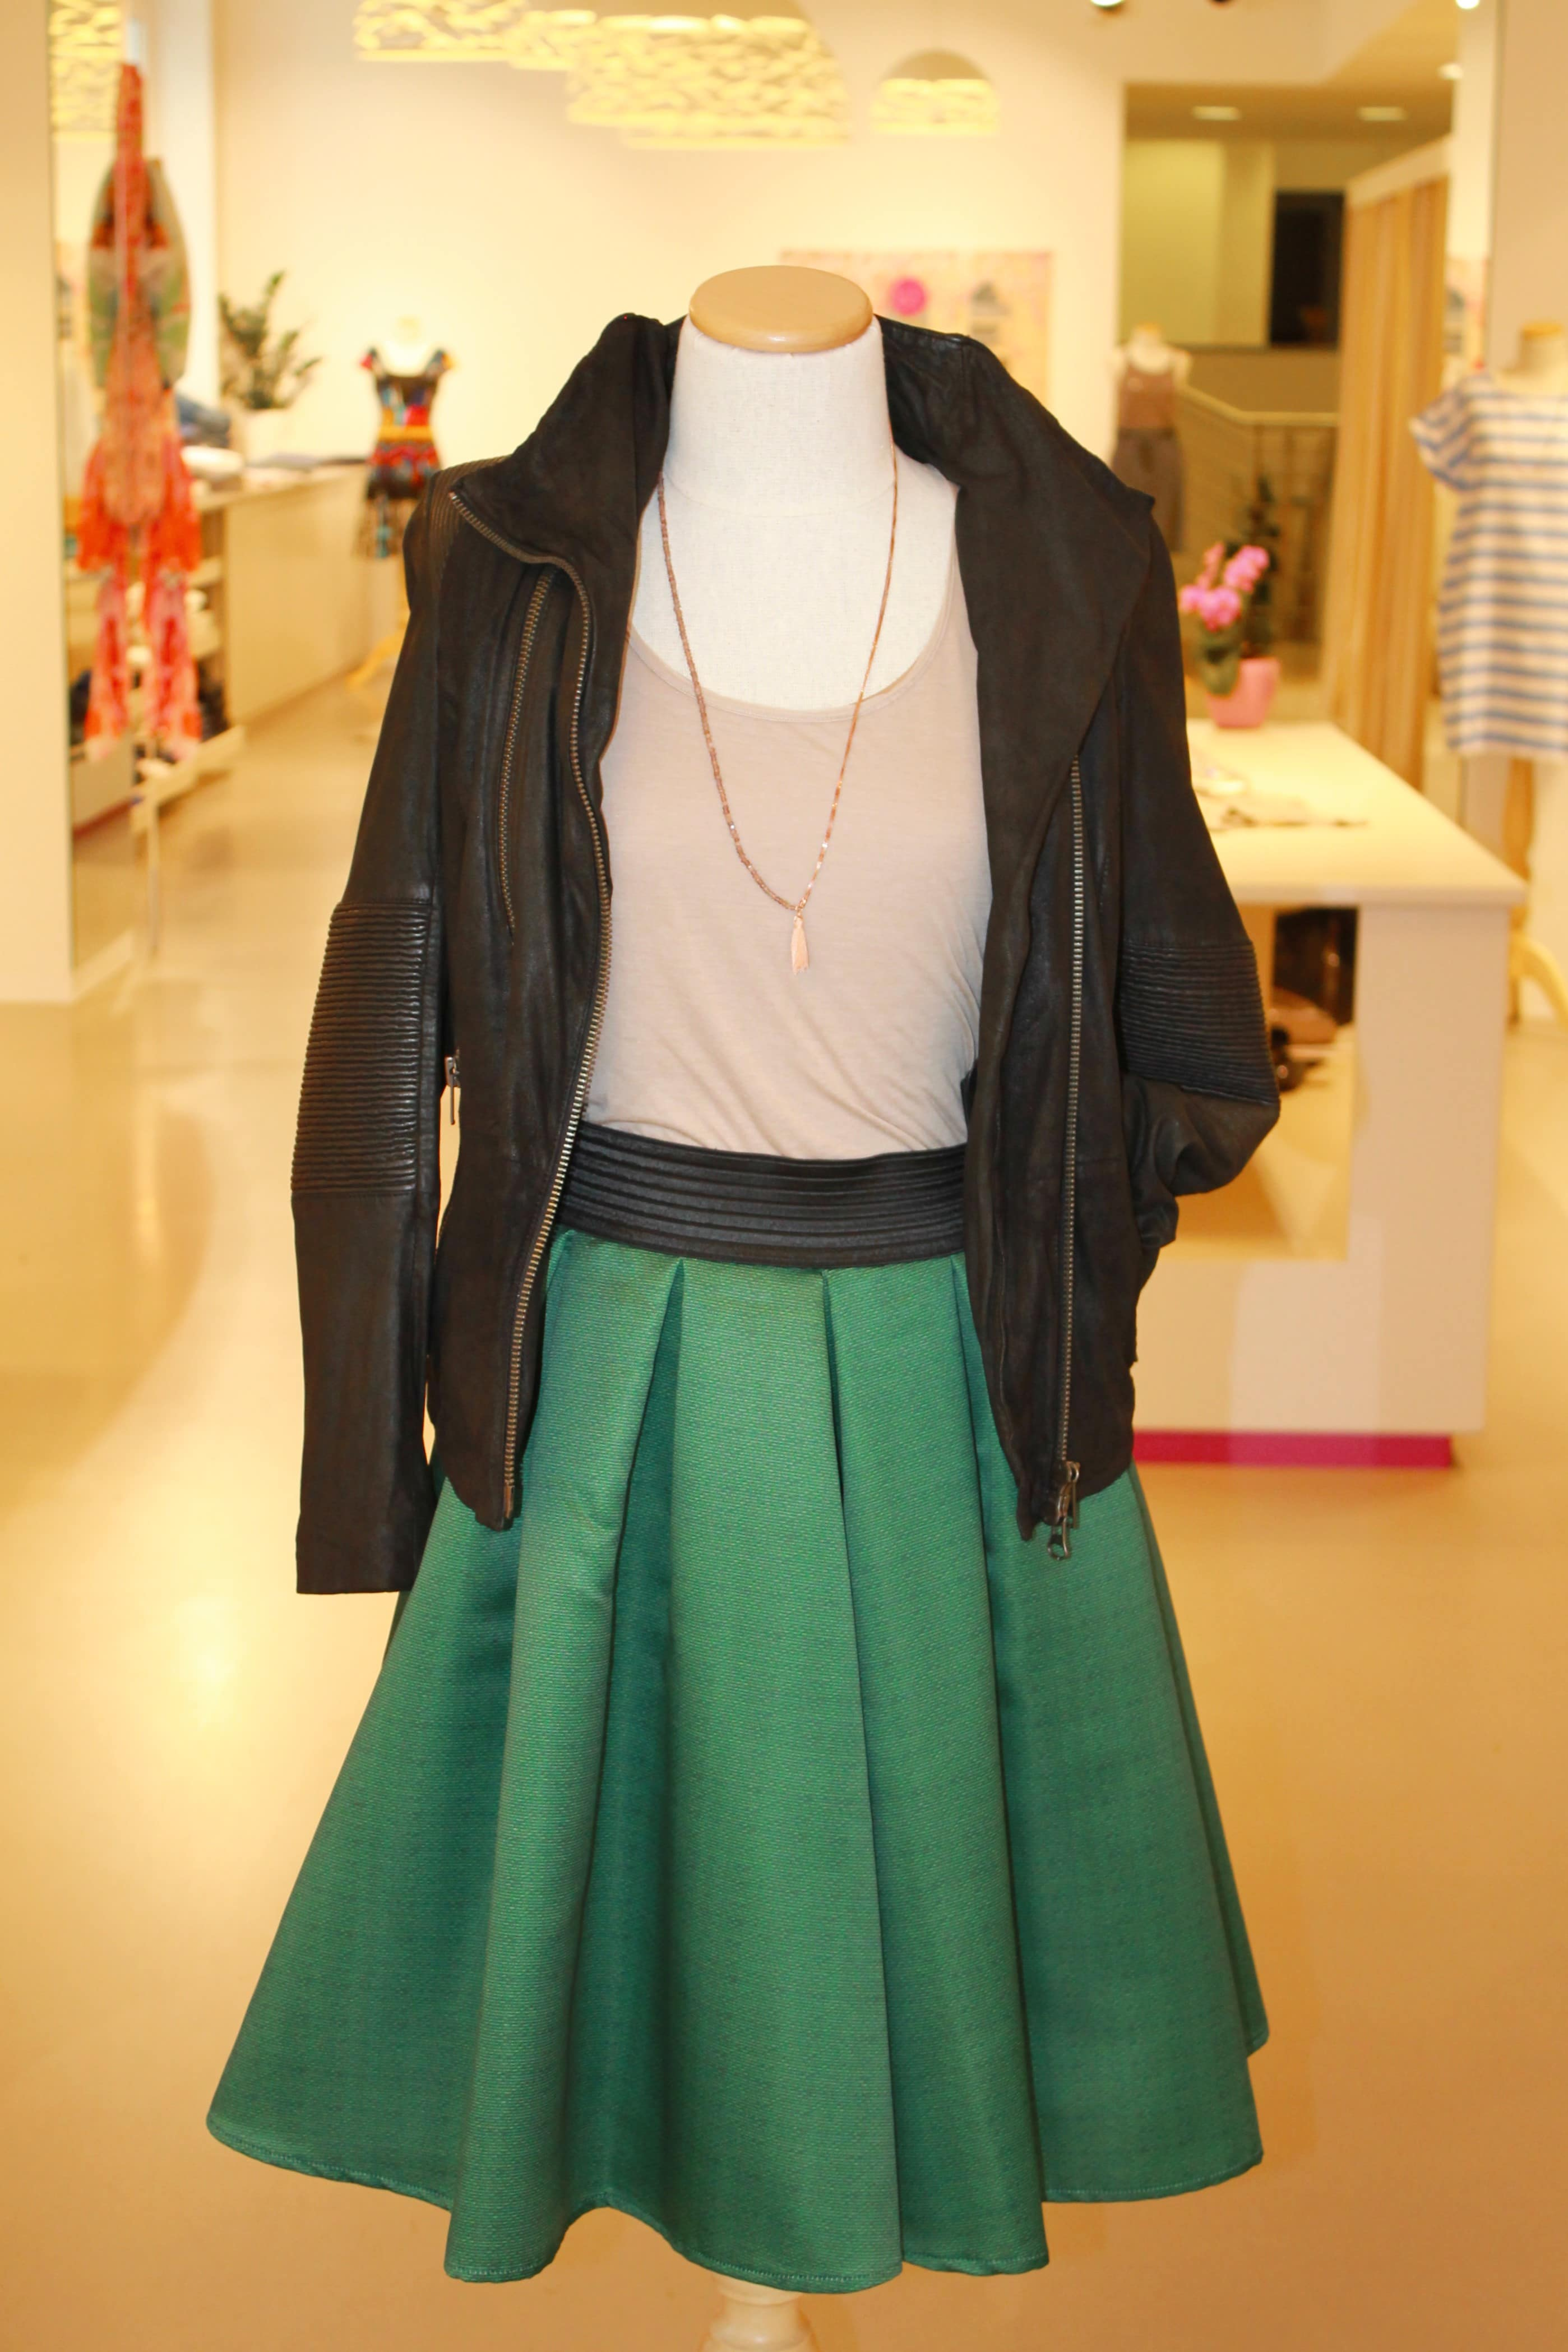 femininer Taillenrock (Didier Parakian) mit leichtem Oberteil (Edie Karimova), kombiniert mit einer coolen Lederjacke (Nue 19.04)… abgerundet mit einer handgefertigten Kette von LOVESKI